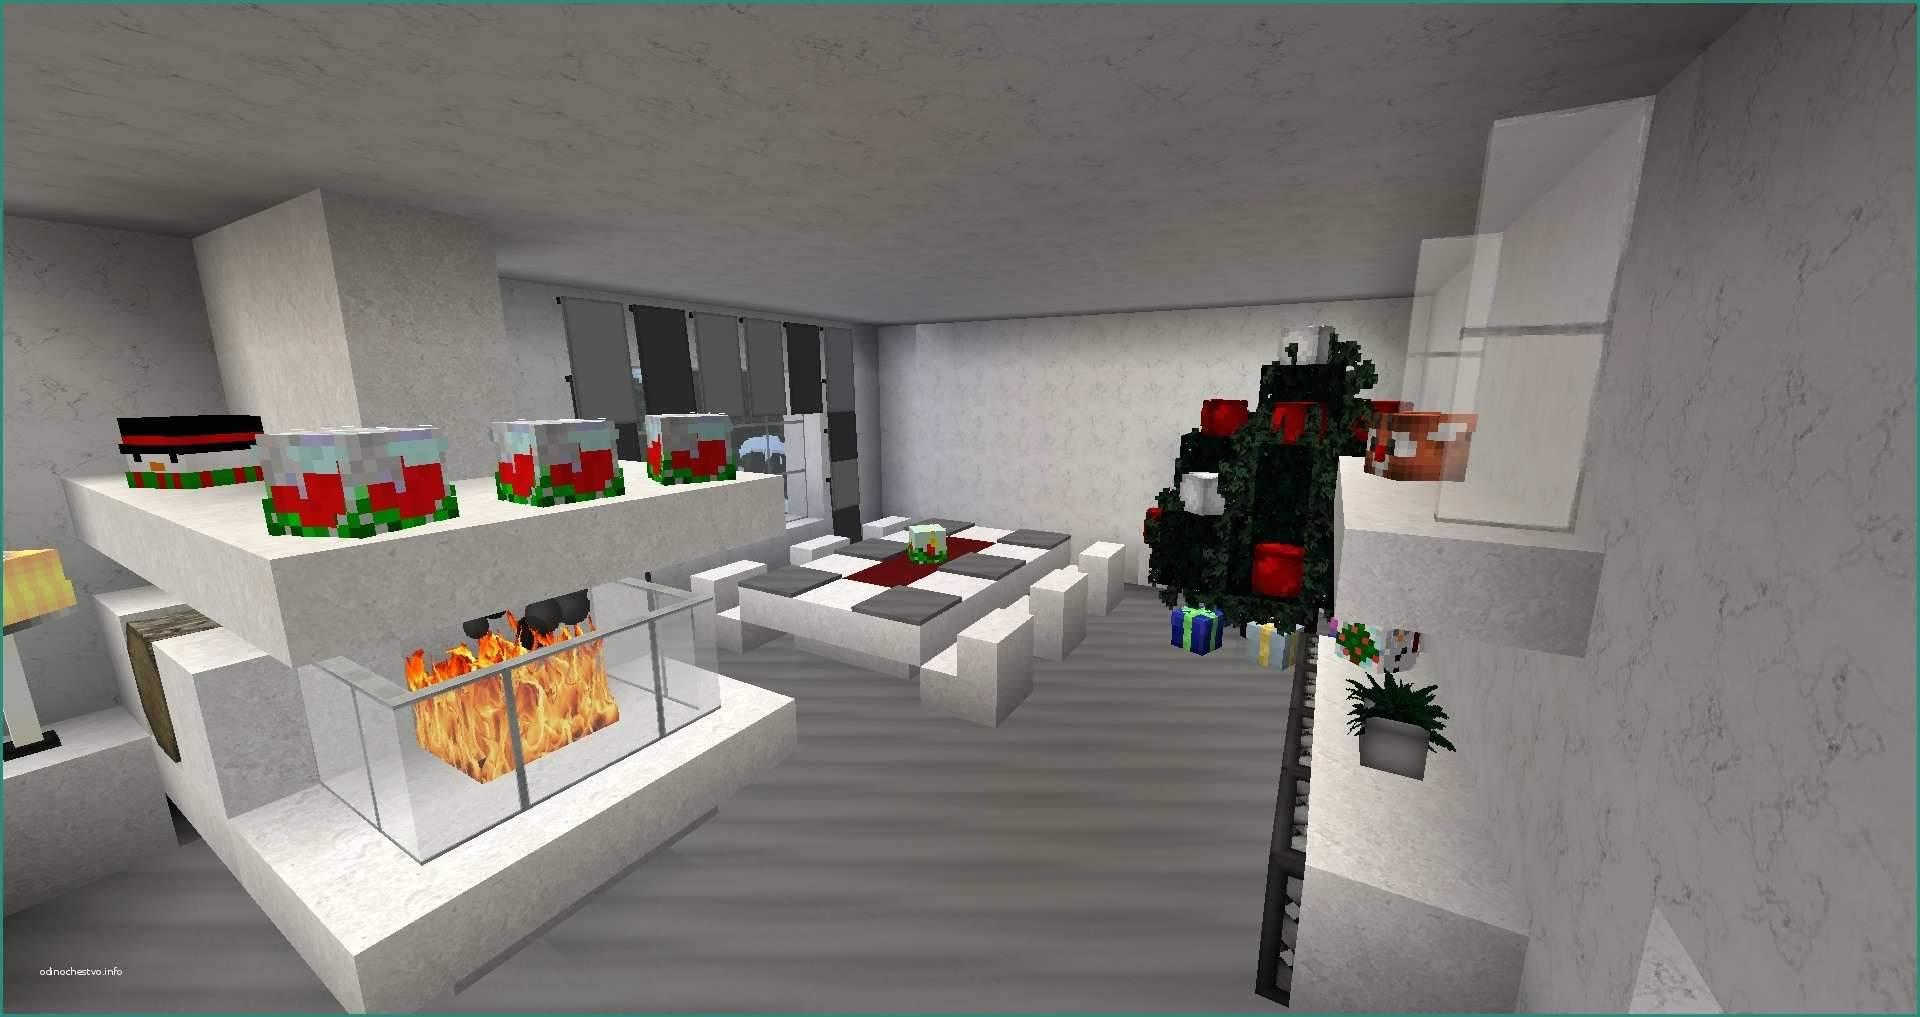 Full Size of Minecraft Küche 35 Einzigartig Wohnzimmer Frisch Arbeitstisch Einbauküche Günstig Abfalleimer Industrielook Hochglanz Tresen Mit E Geräten Vorratsschrank Wohnzimmer Minecraft Küche